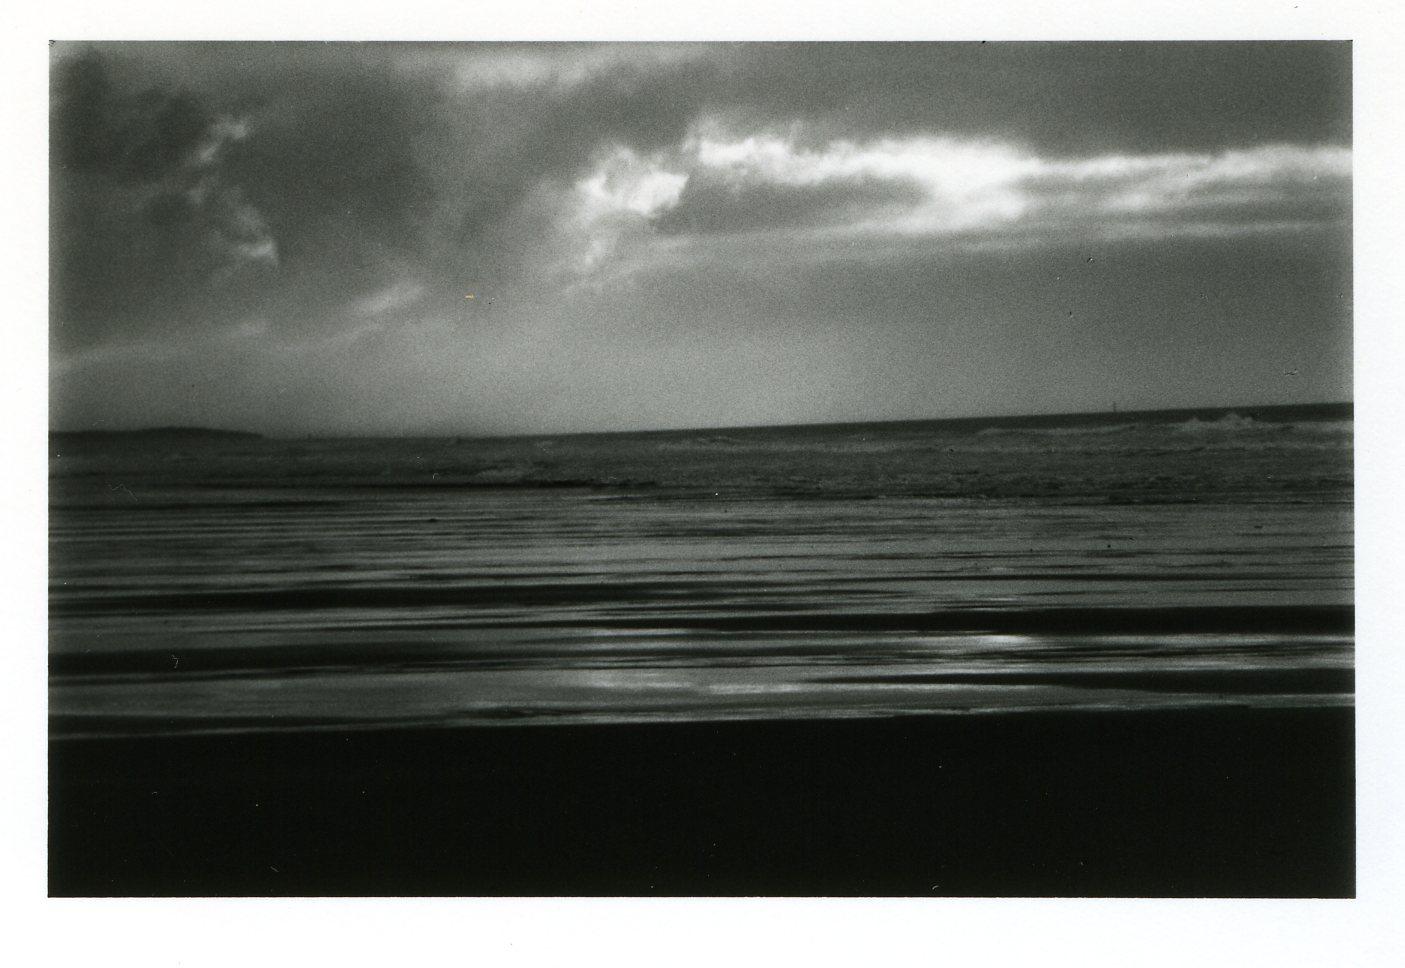 Art du tirage argentique ©Colette Gourvitch 2003 Quand la nuit prend le jour.